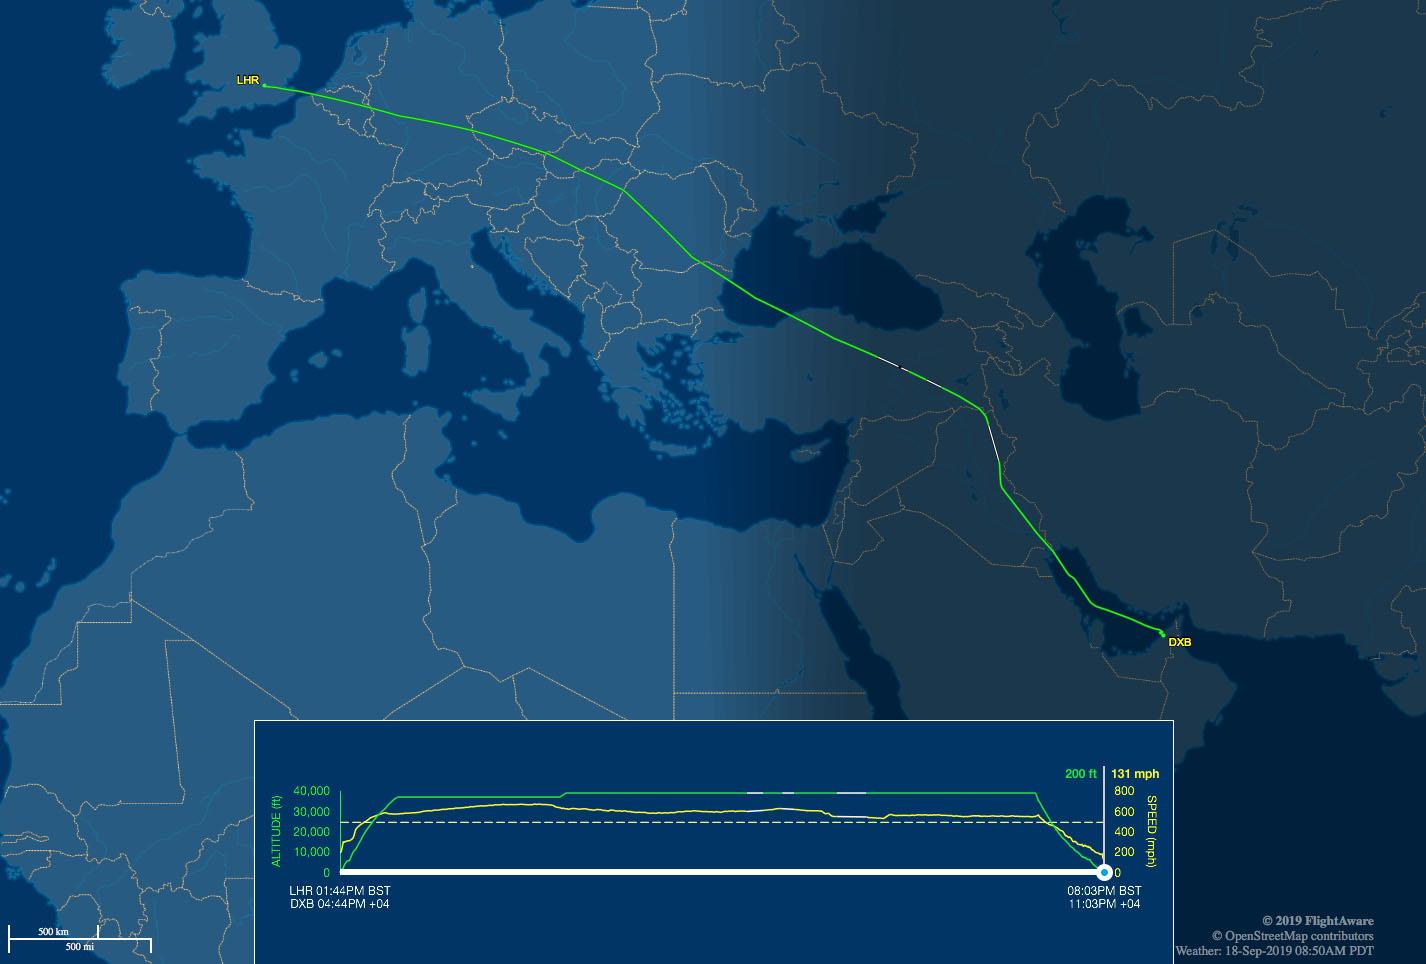 LHR-DXB flight track